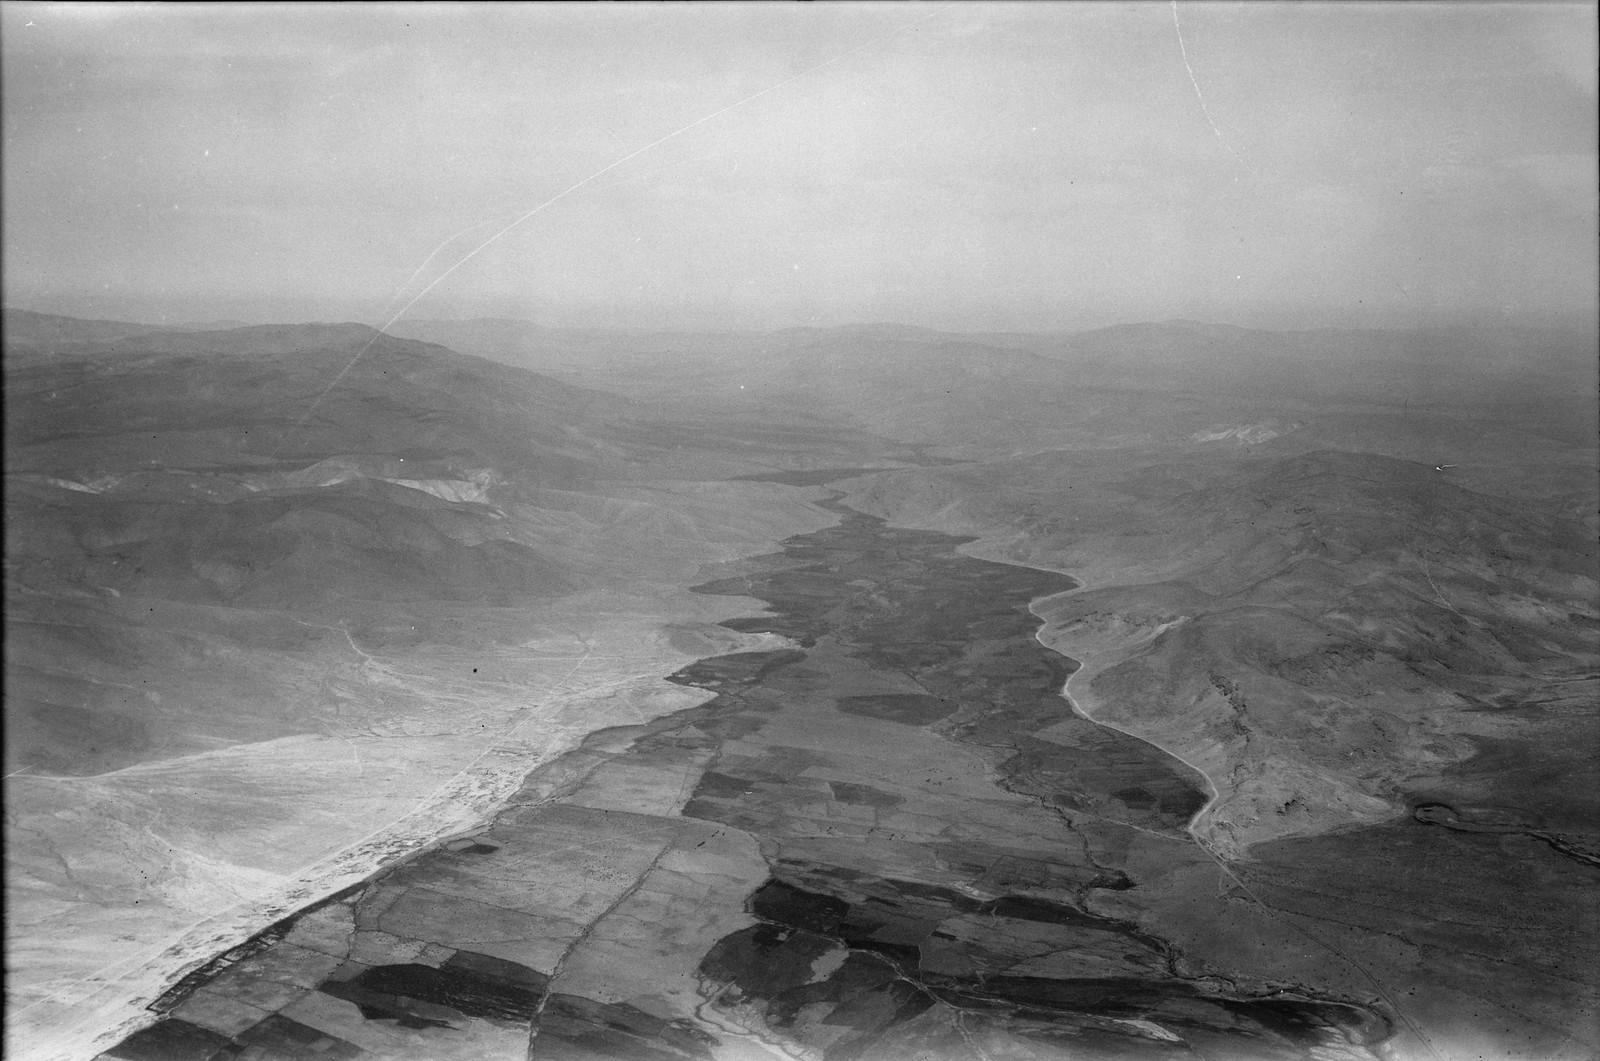 Полет на юг через Иорданский Разлом. Восточный конец Вади Фараа. Где долина Наблуса соединяется с Иорданом